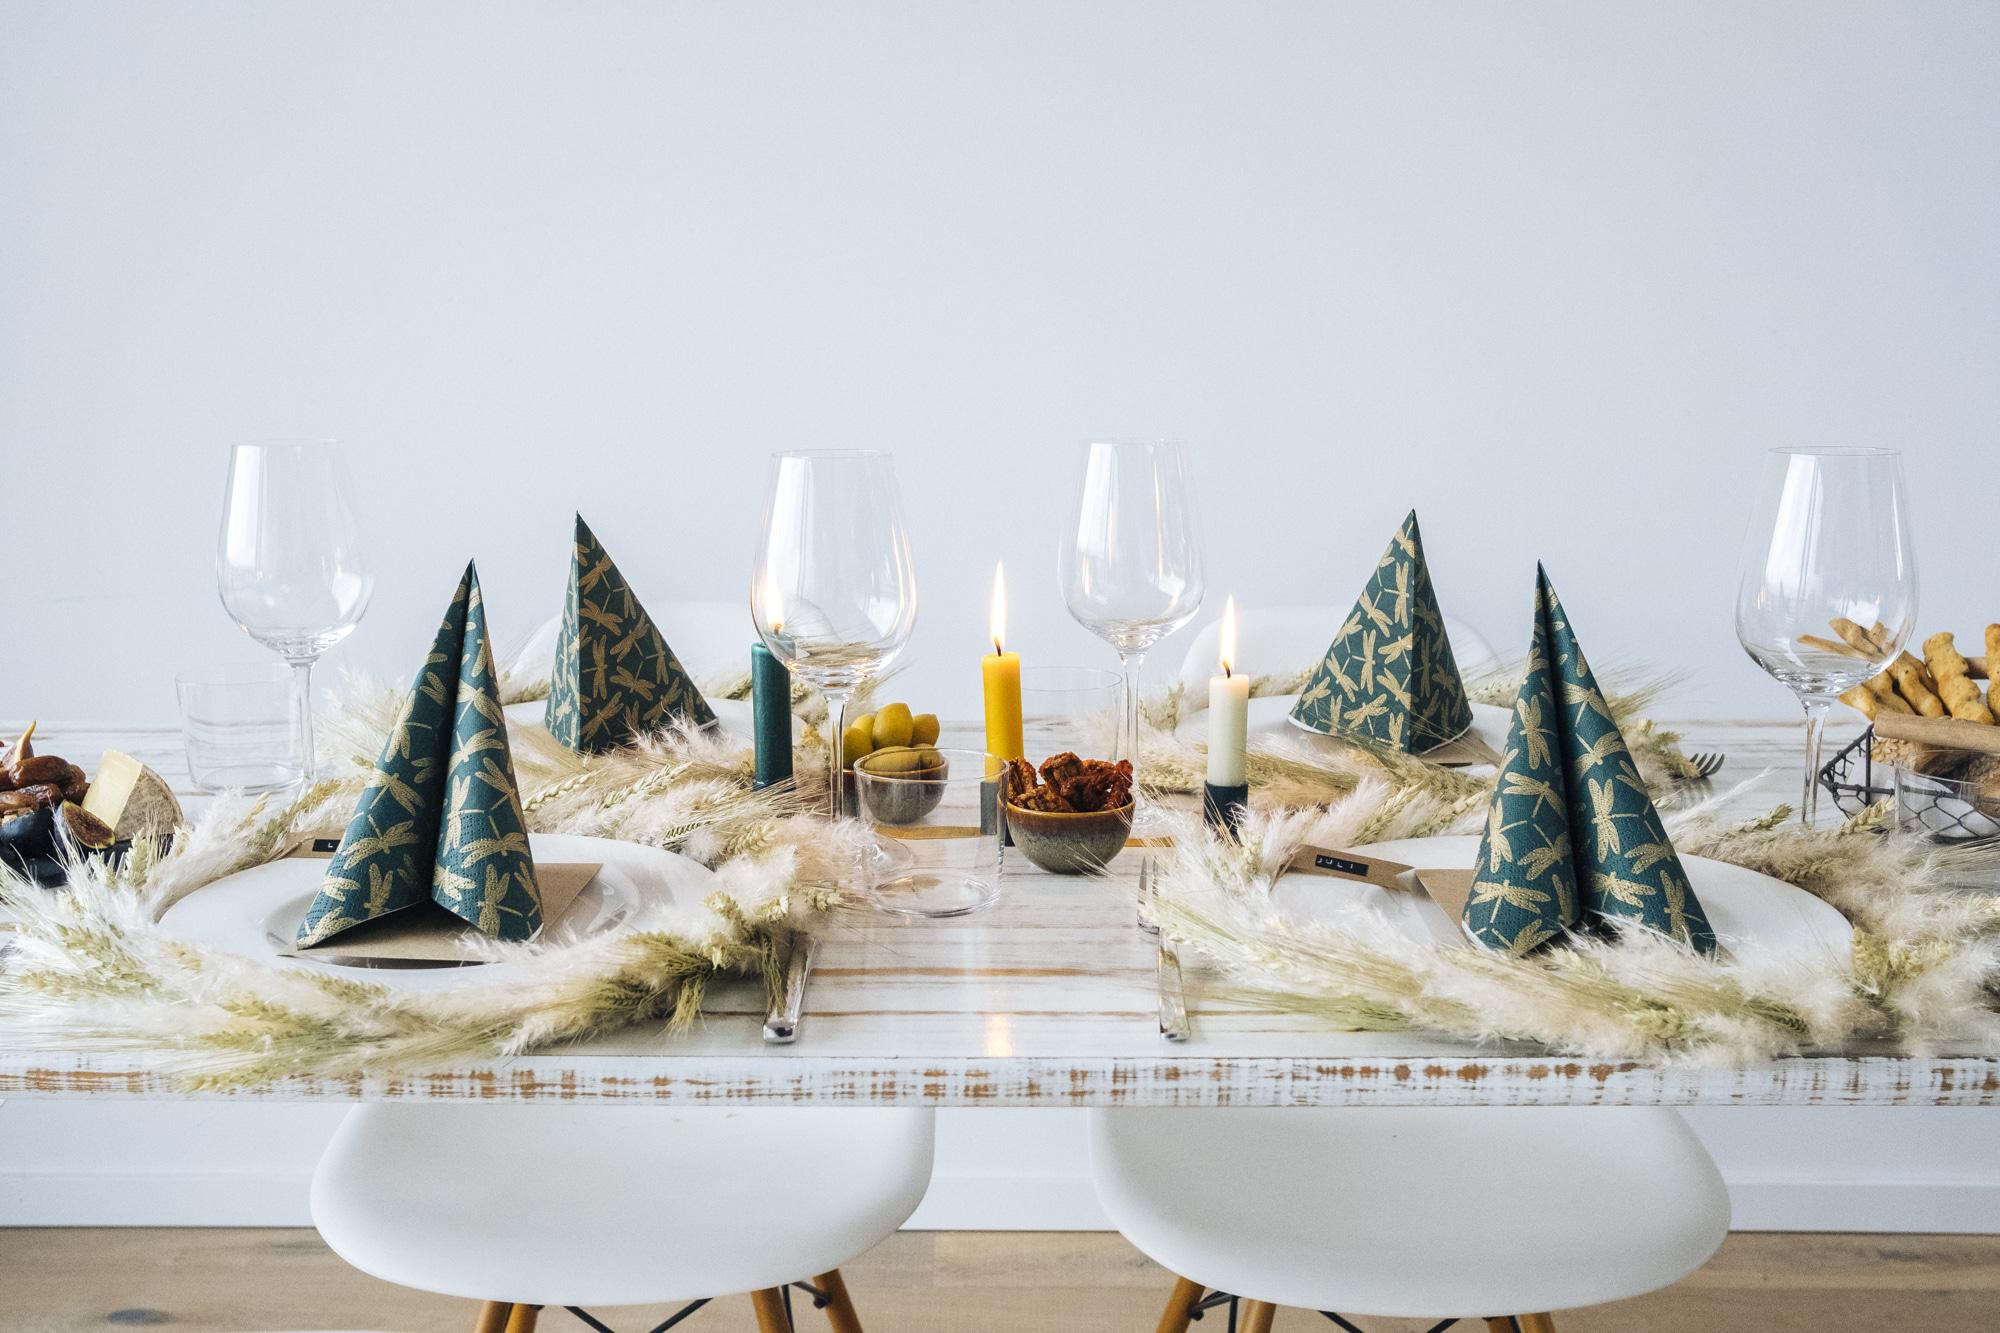 Tisch-Deko zu Erntedank: Seitenansicht von herbstlich gestaltetem Esstisch